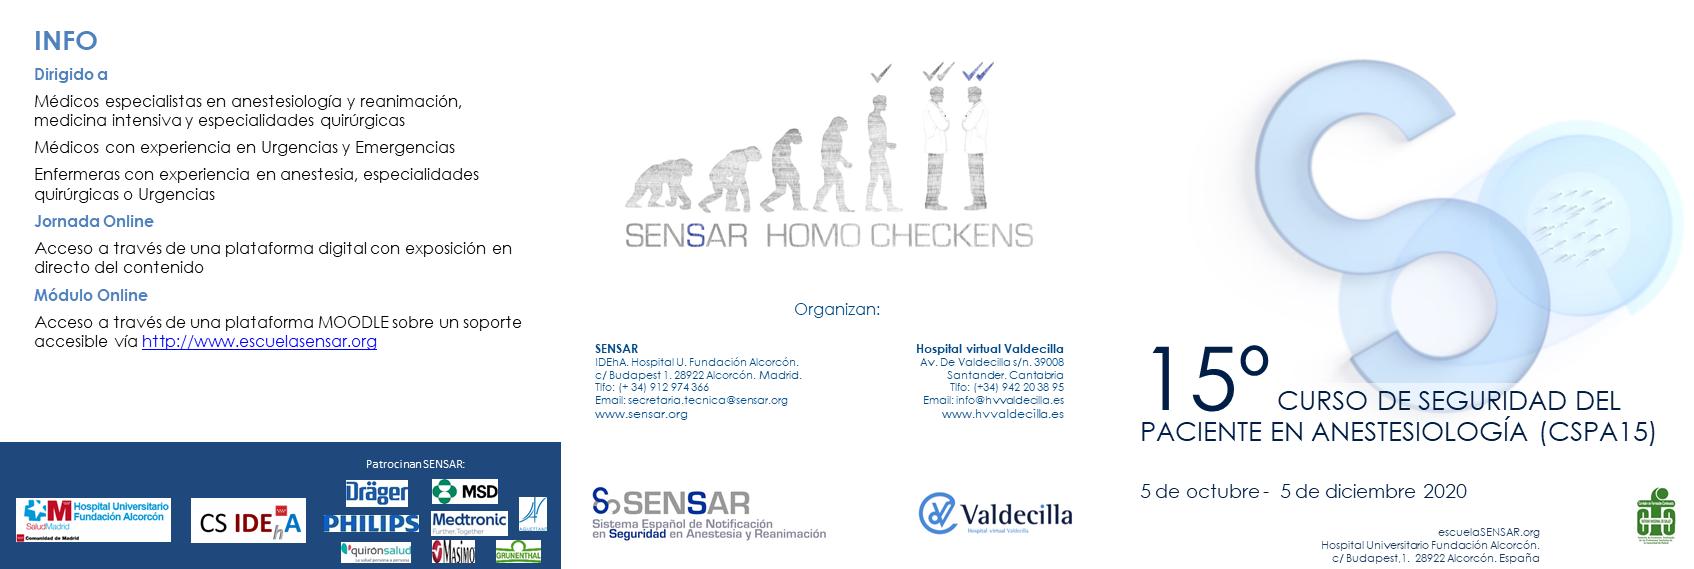 Curso de Seguridad del Paciente en Anestesiología – CSPA15